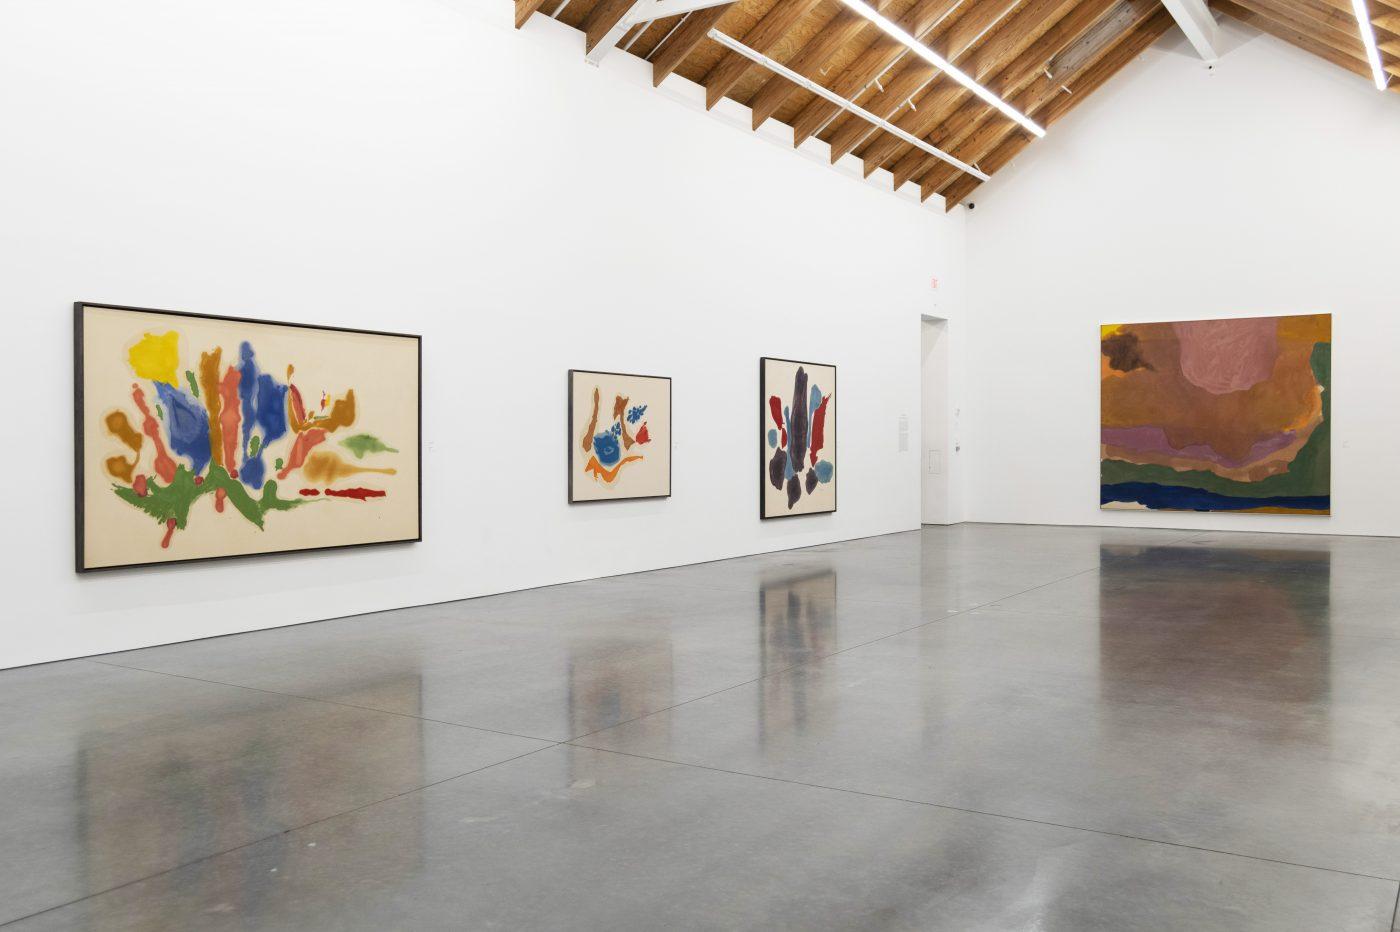 Helen Frankenthaler Install View